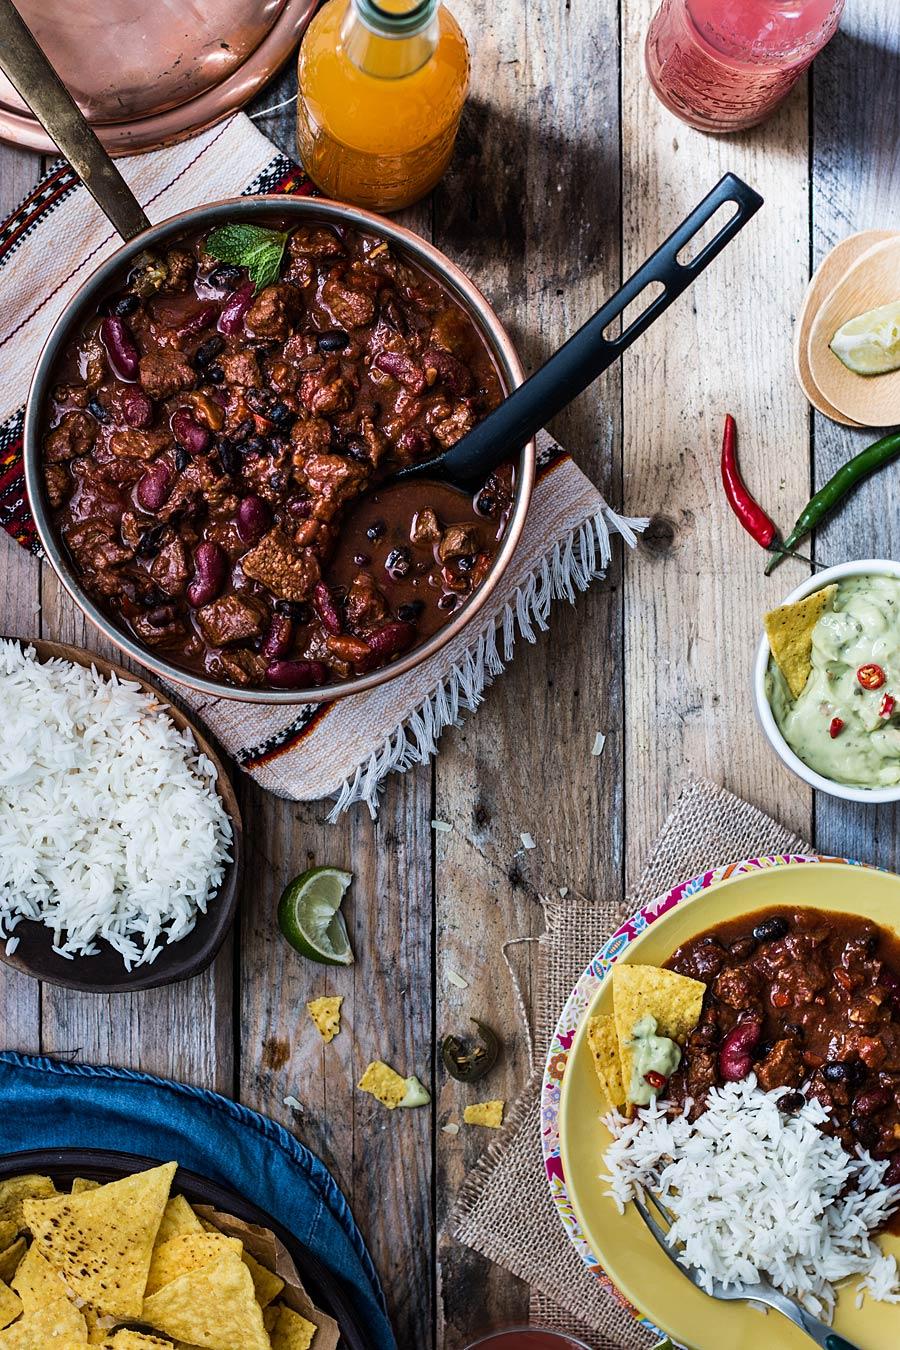 Chili con carne by Laura Domingo